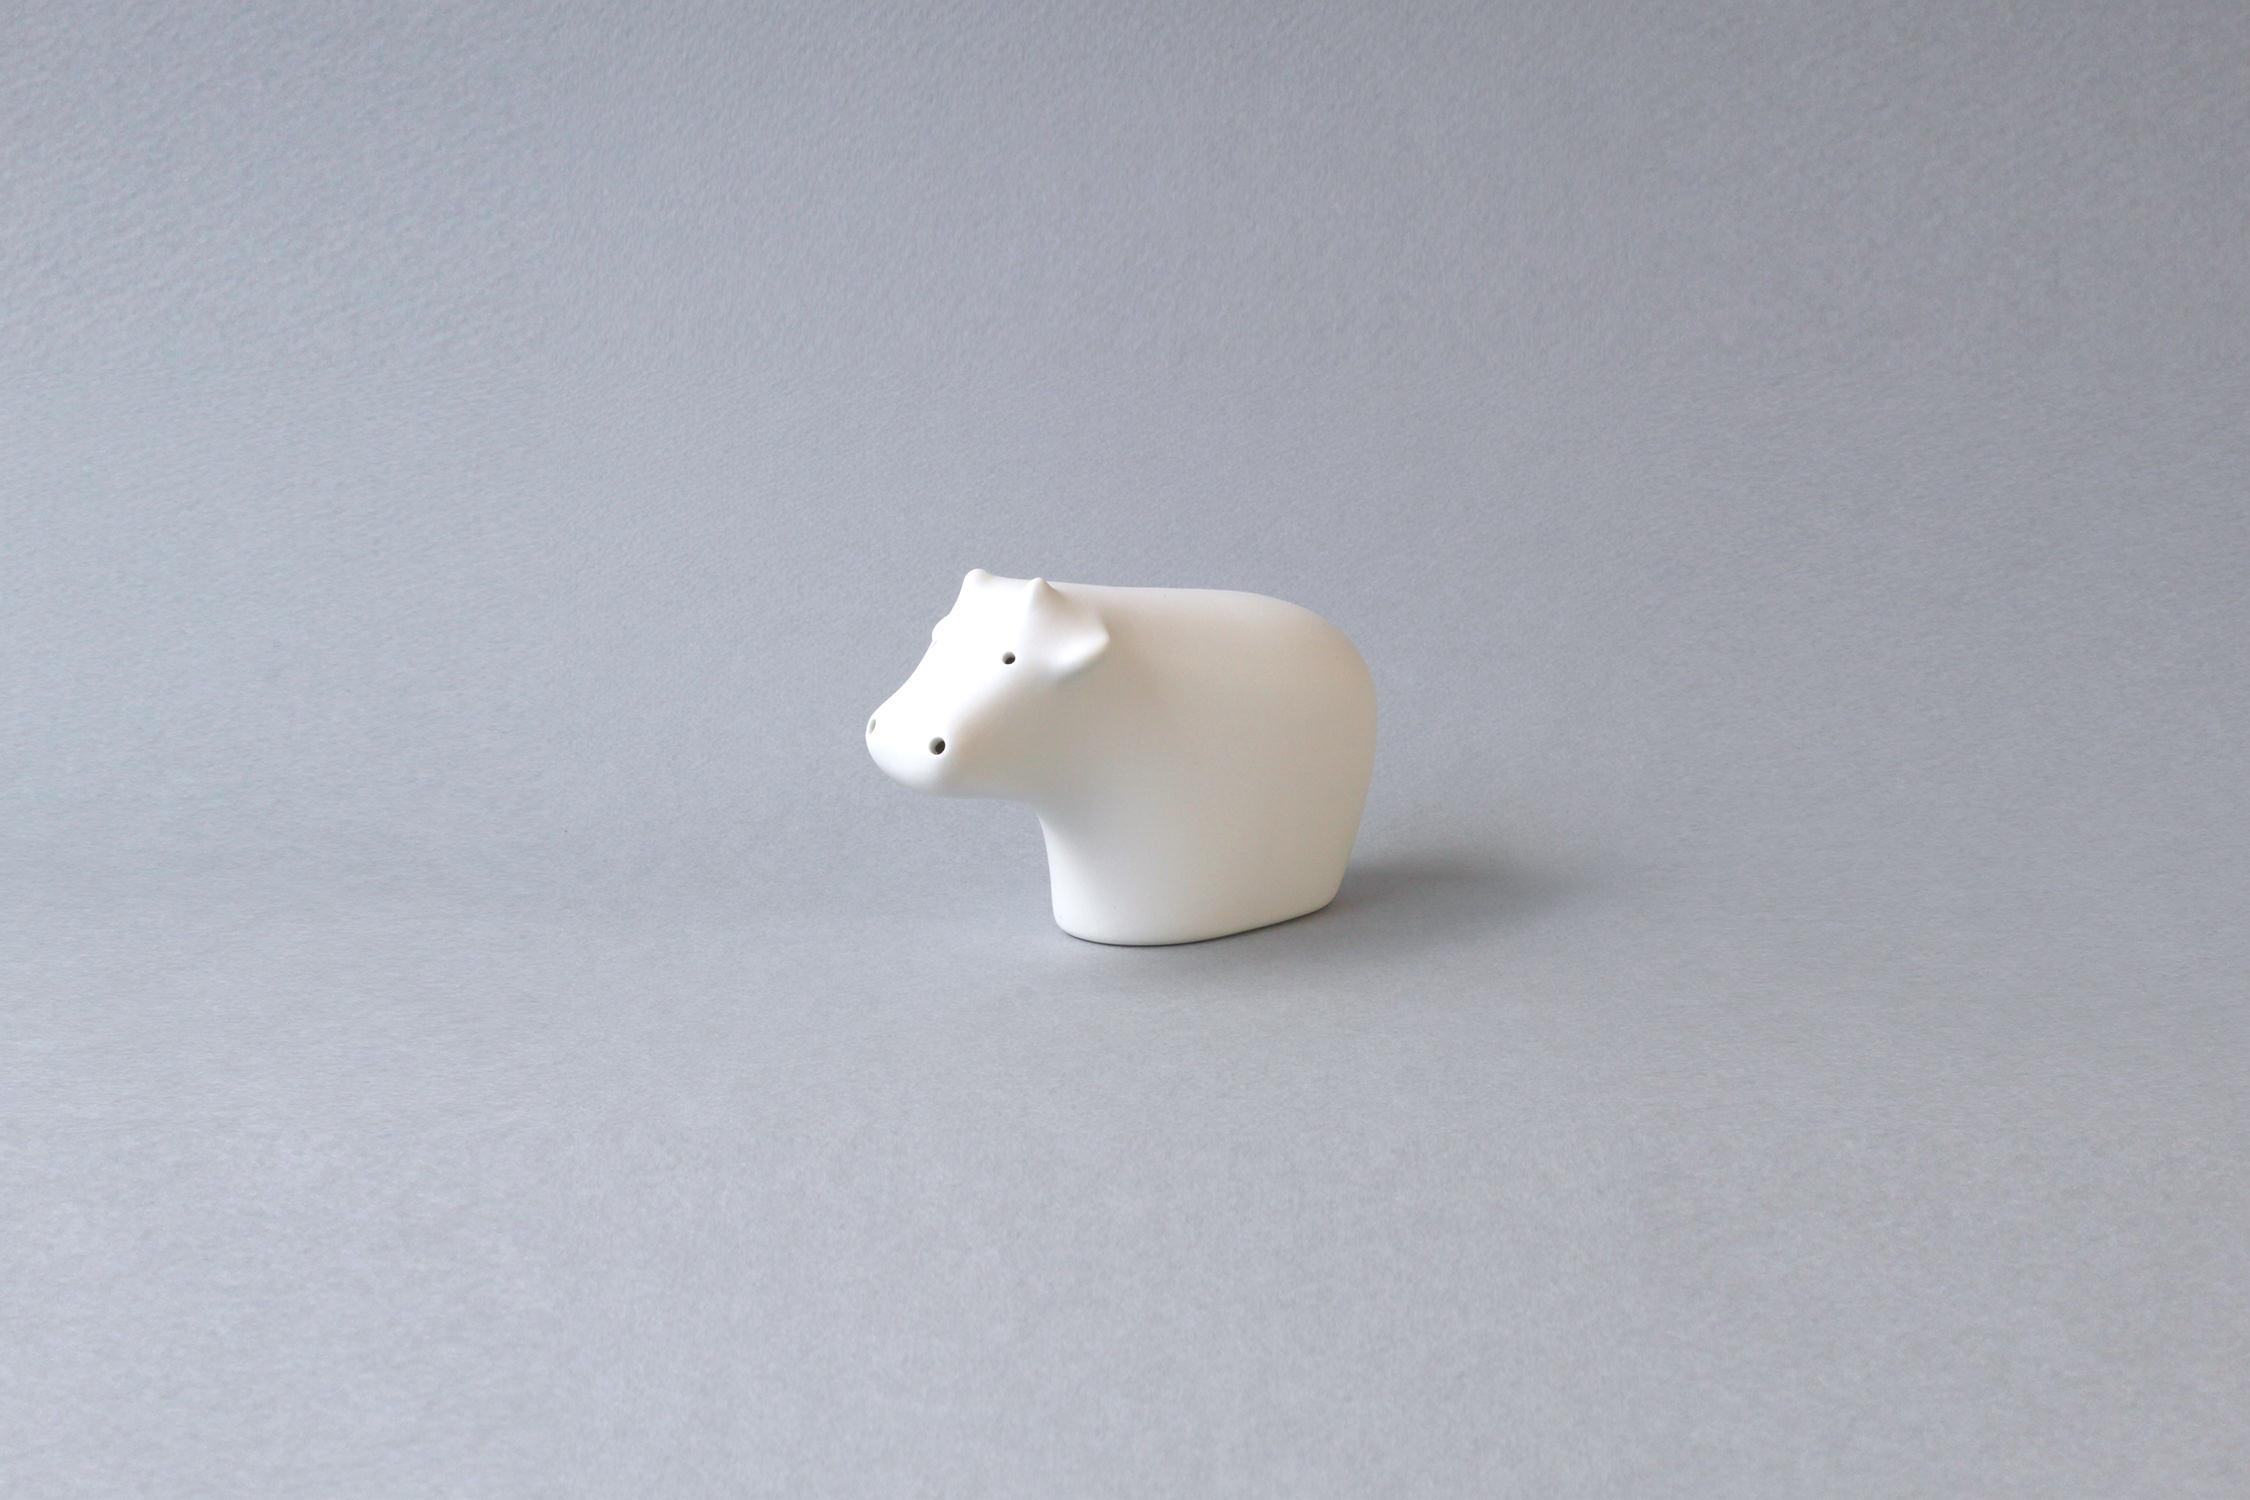 Pebble Ceramic Design Studio イメージ6